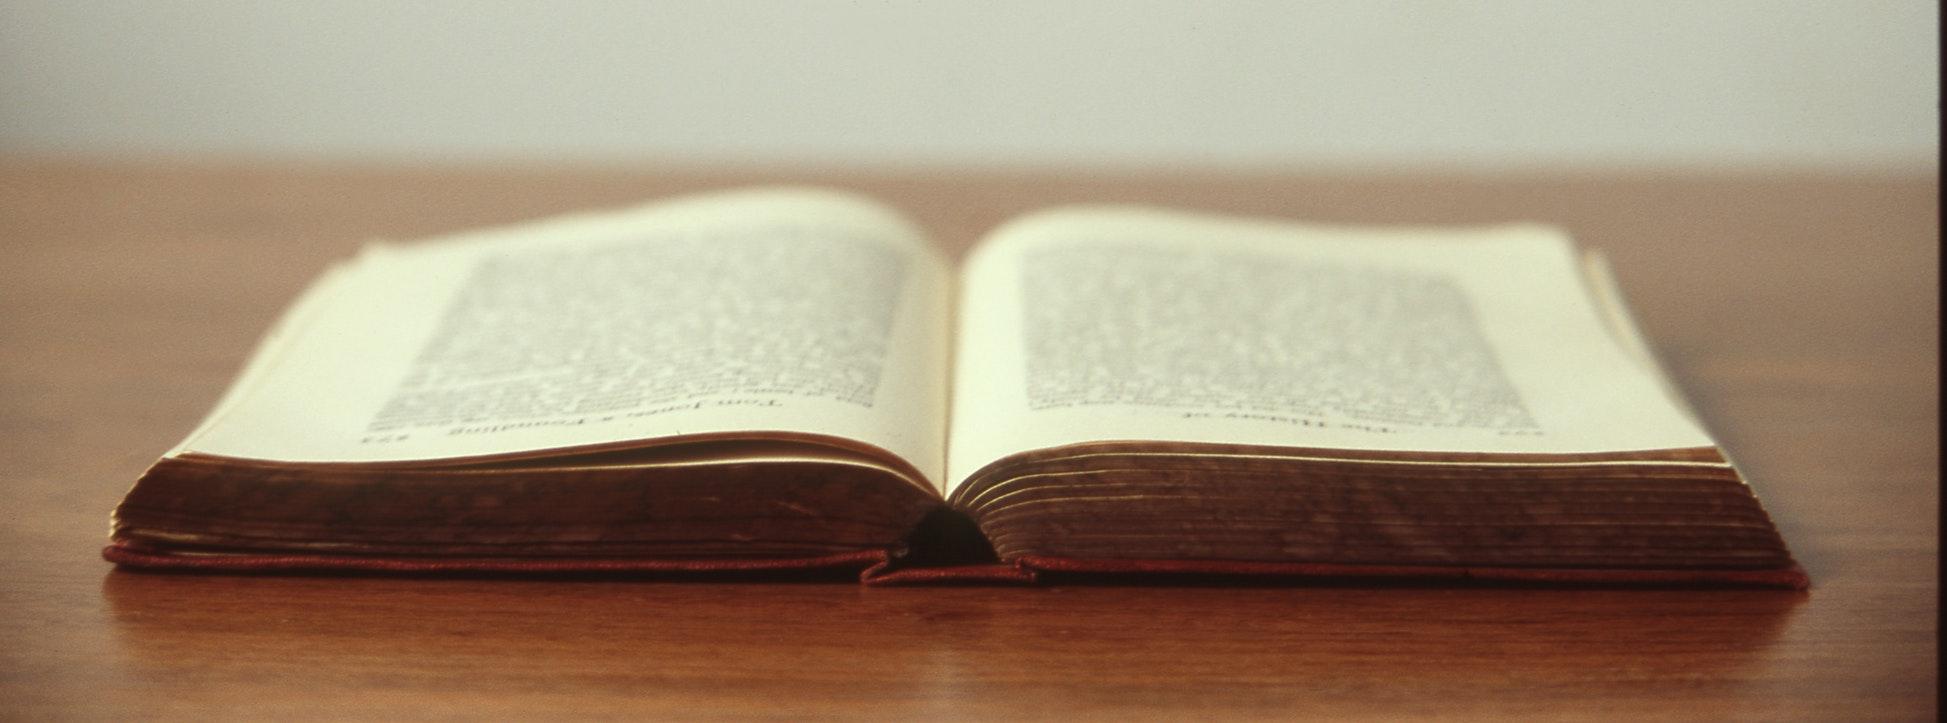 alejandroescamilla book